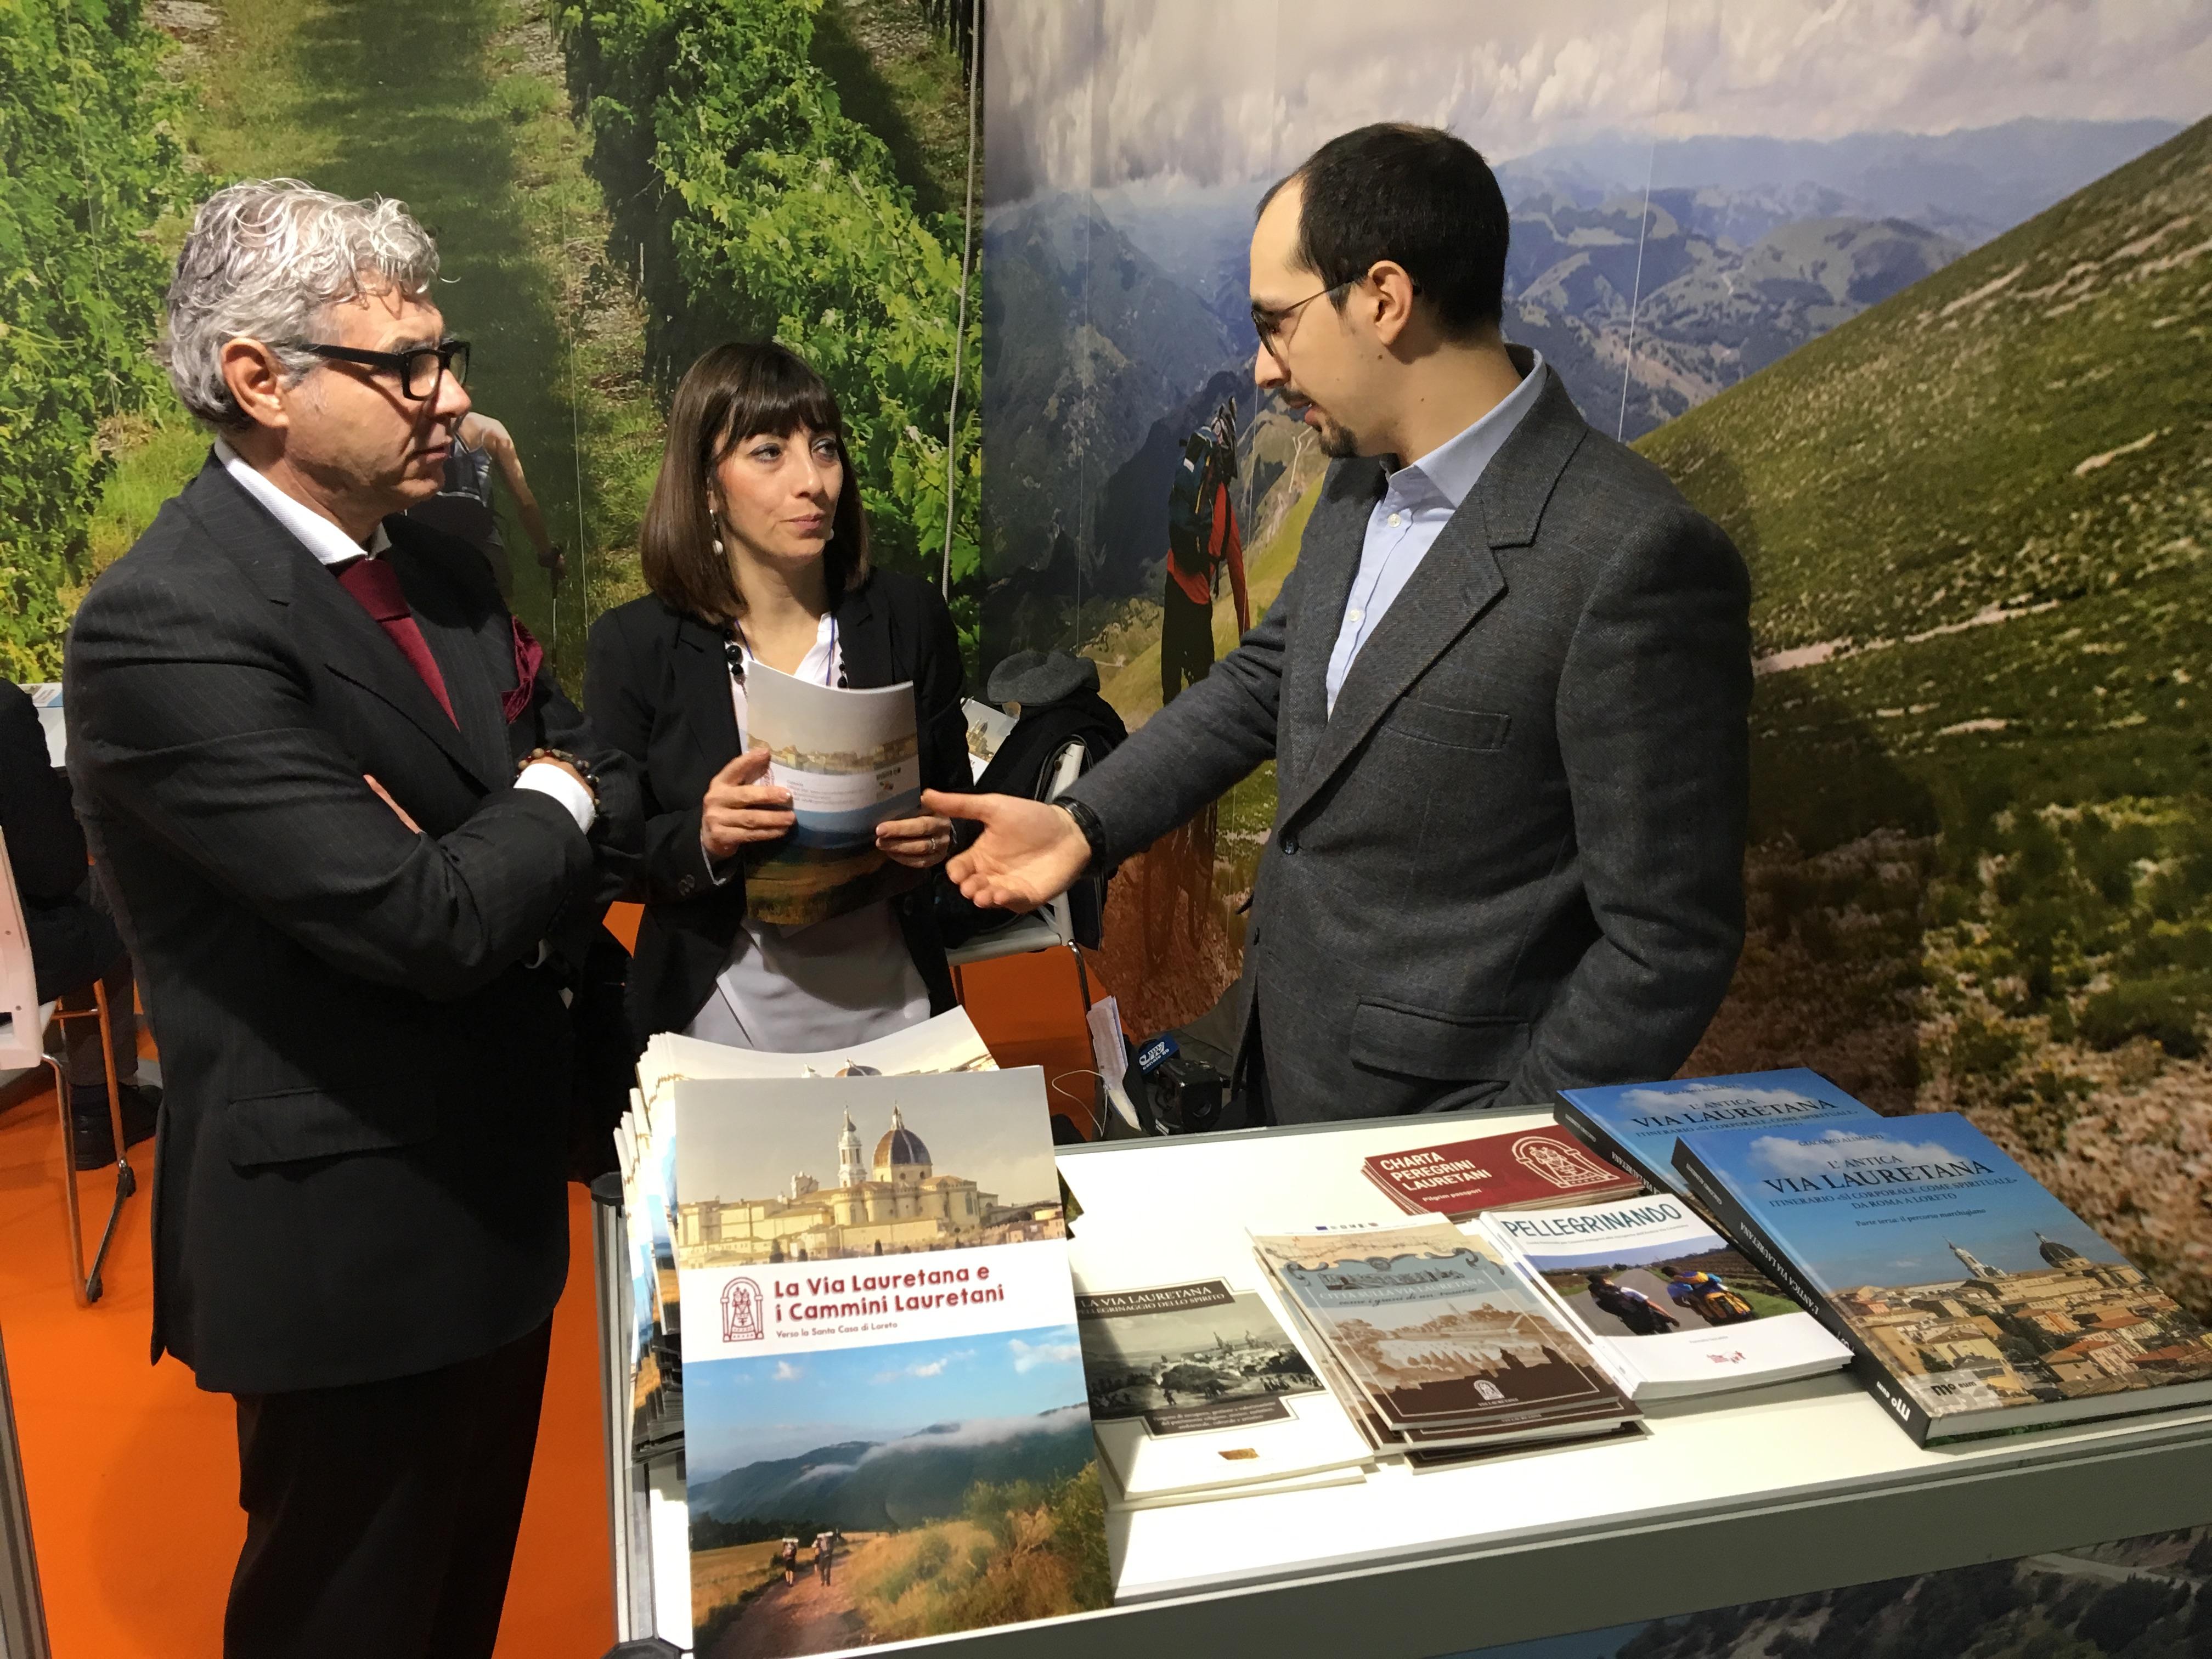 Bertolini, Lanari e Alimenti allo stand della Regione Marche